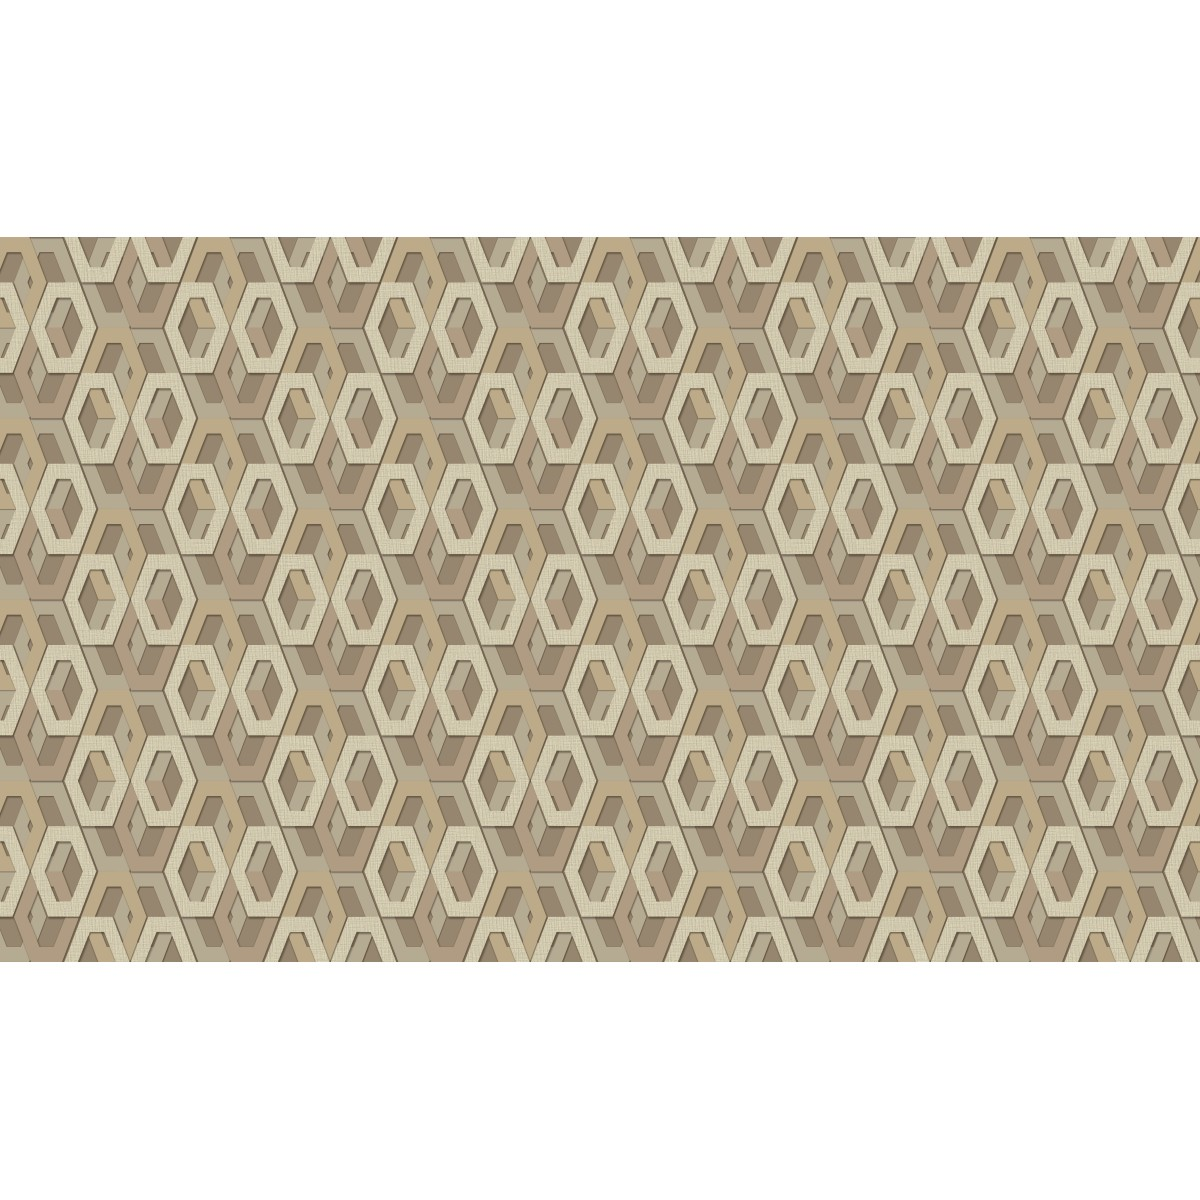 Обои флизелиновые Euro Decor New York коричневые 1.06 м 1137-02